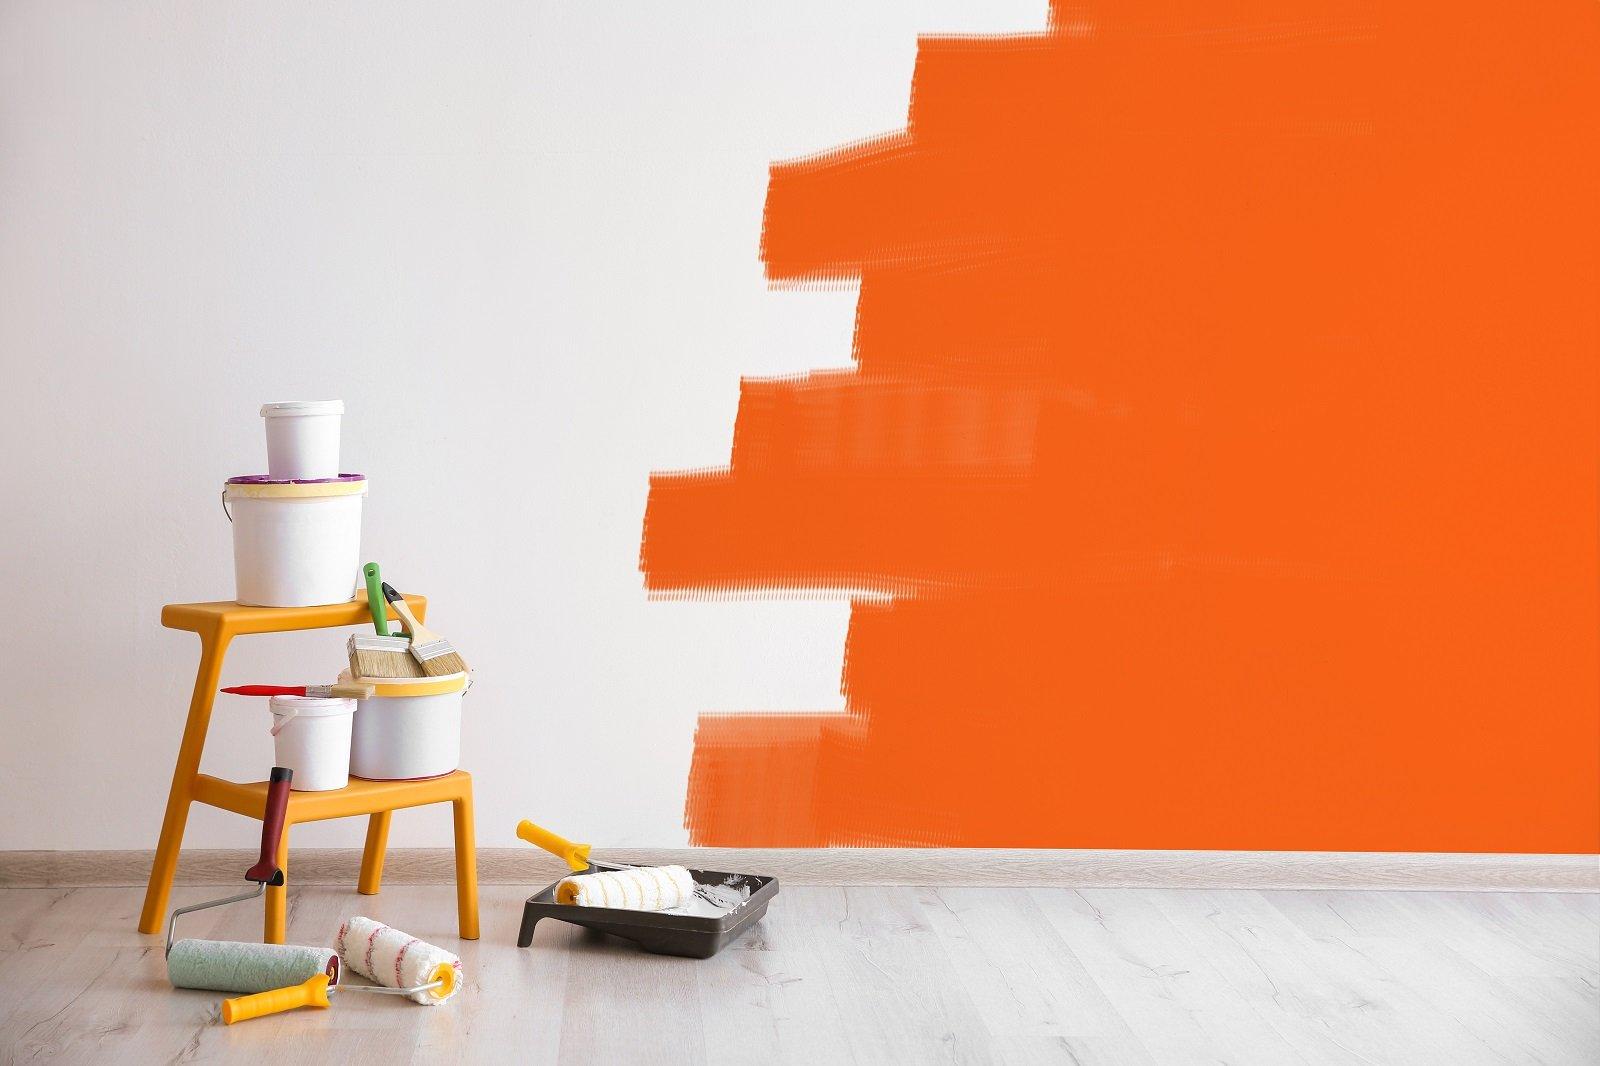 barattoli di vernice davanti a un muro arancione